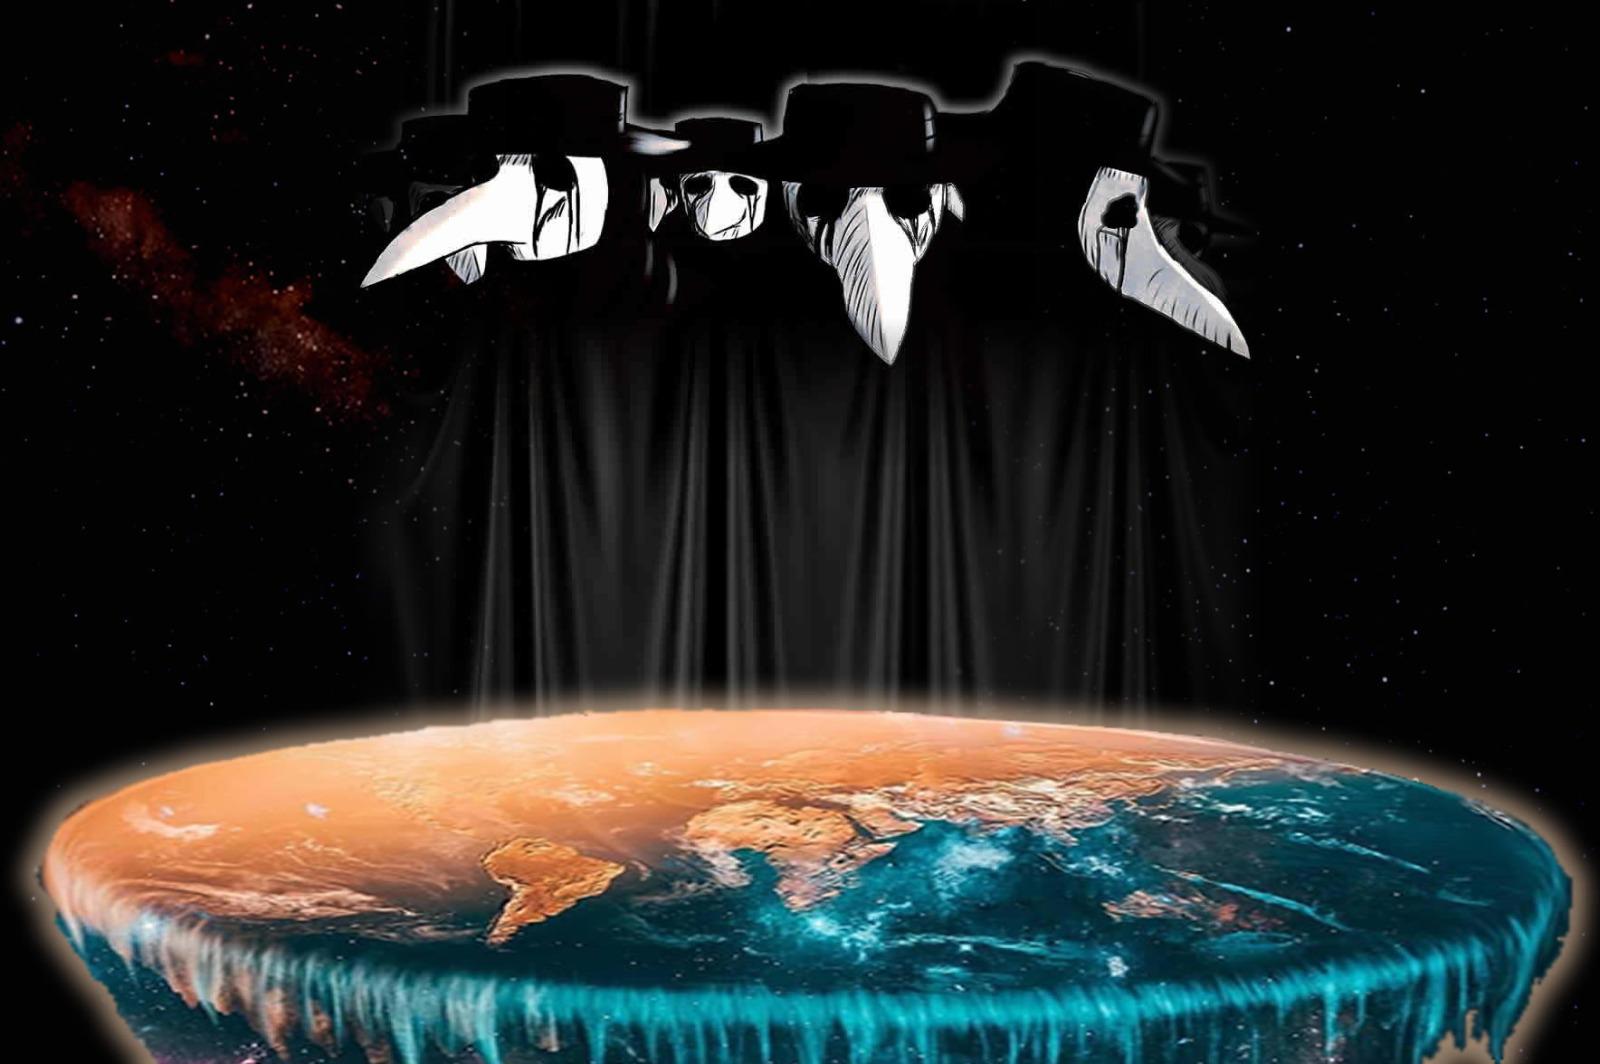 '¿Vuelve la edad media? Conspiración, pandemia y tierra plana'